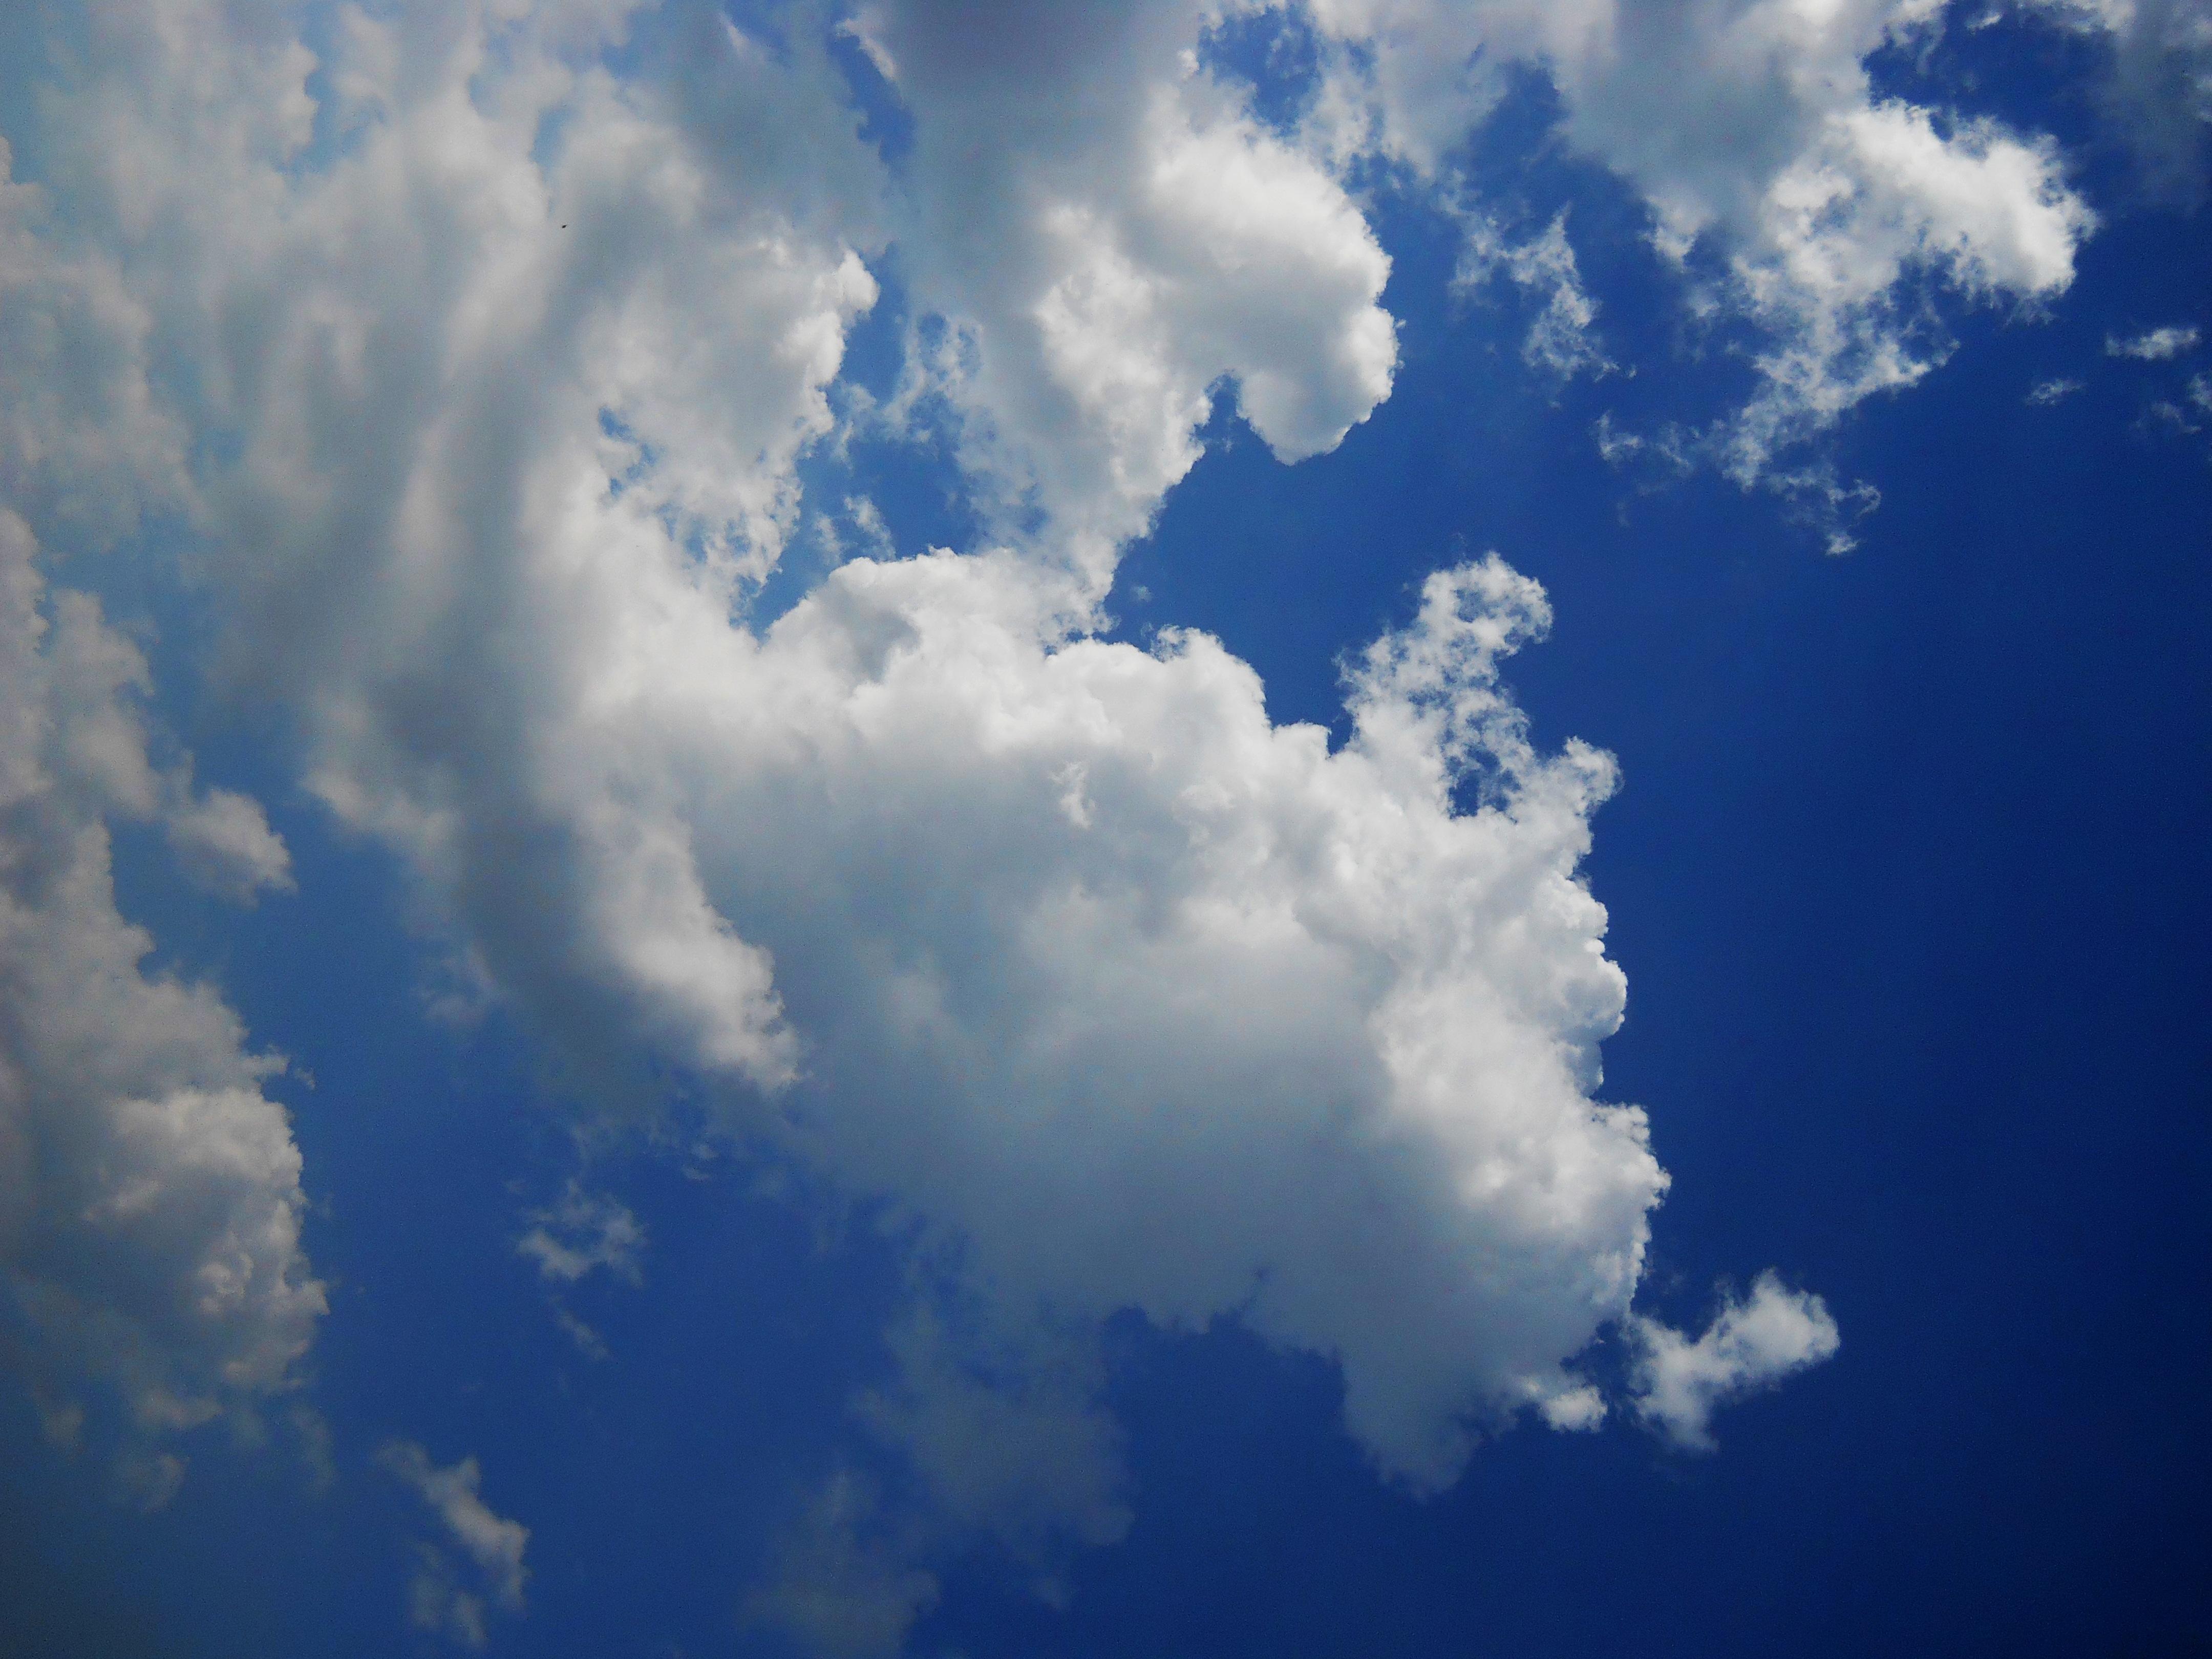 Gambar Pemandangan Salju Kaki Langit Sinar Matahari Bima